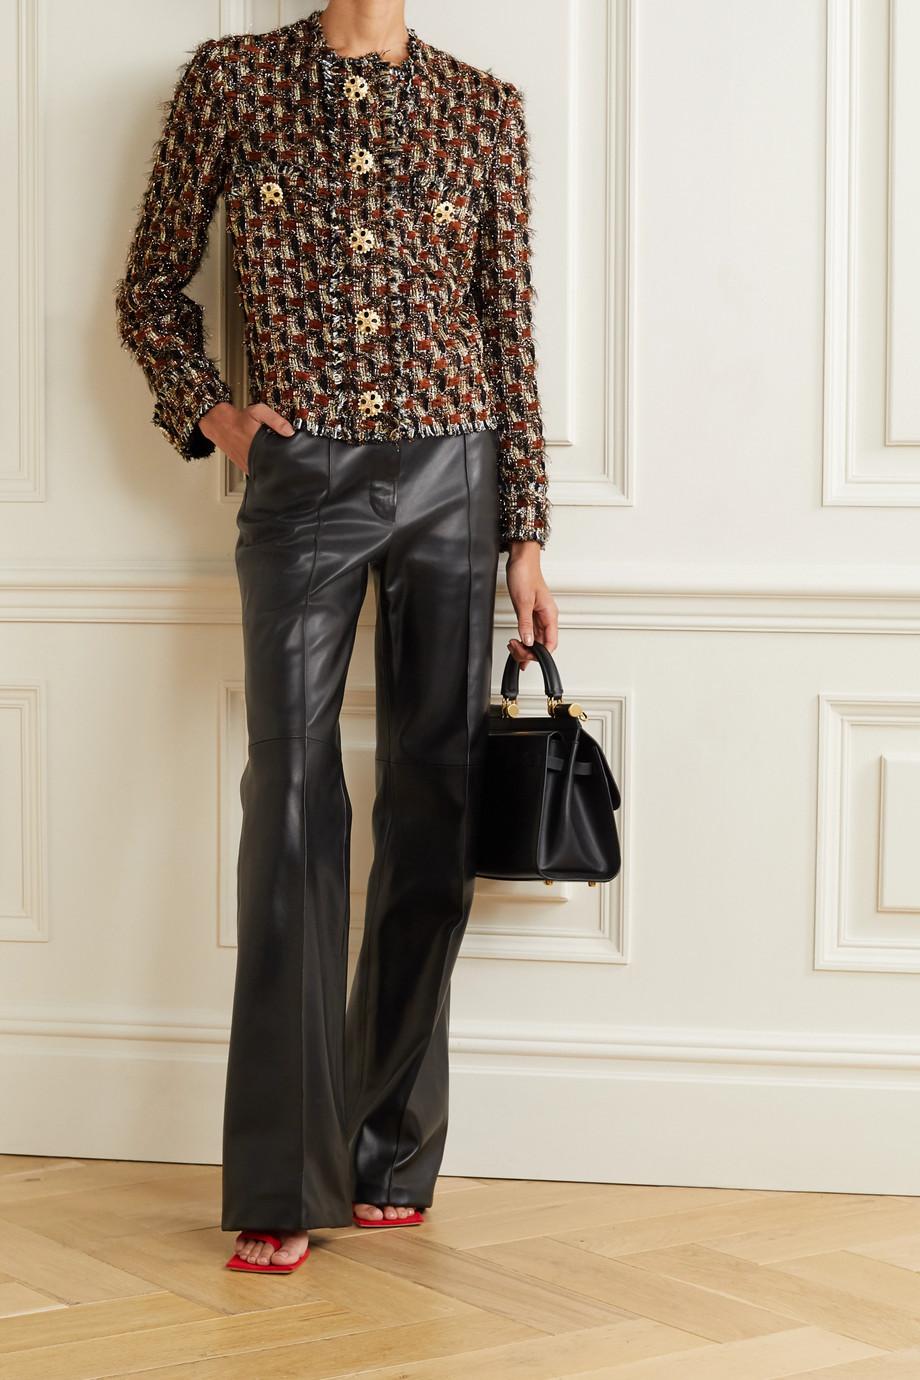 Dolce & Gabbana Veste en tweed bouclé métallisé à ornements